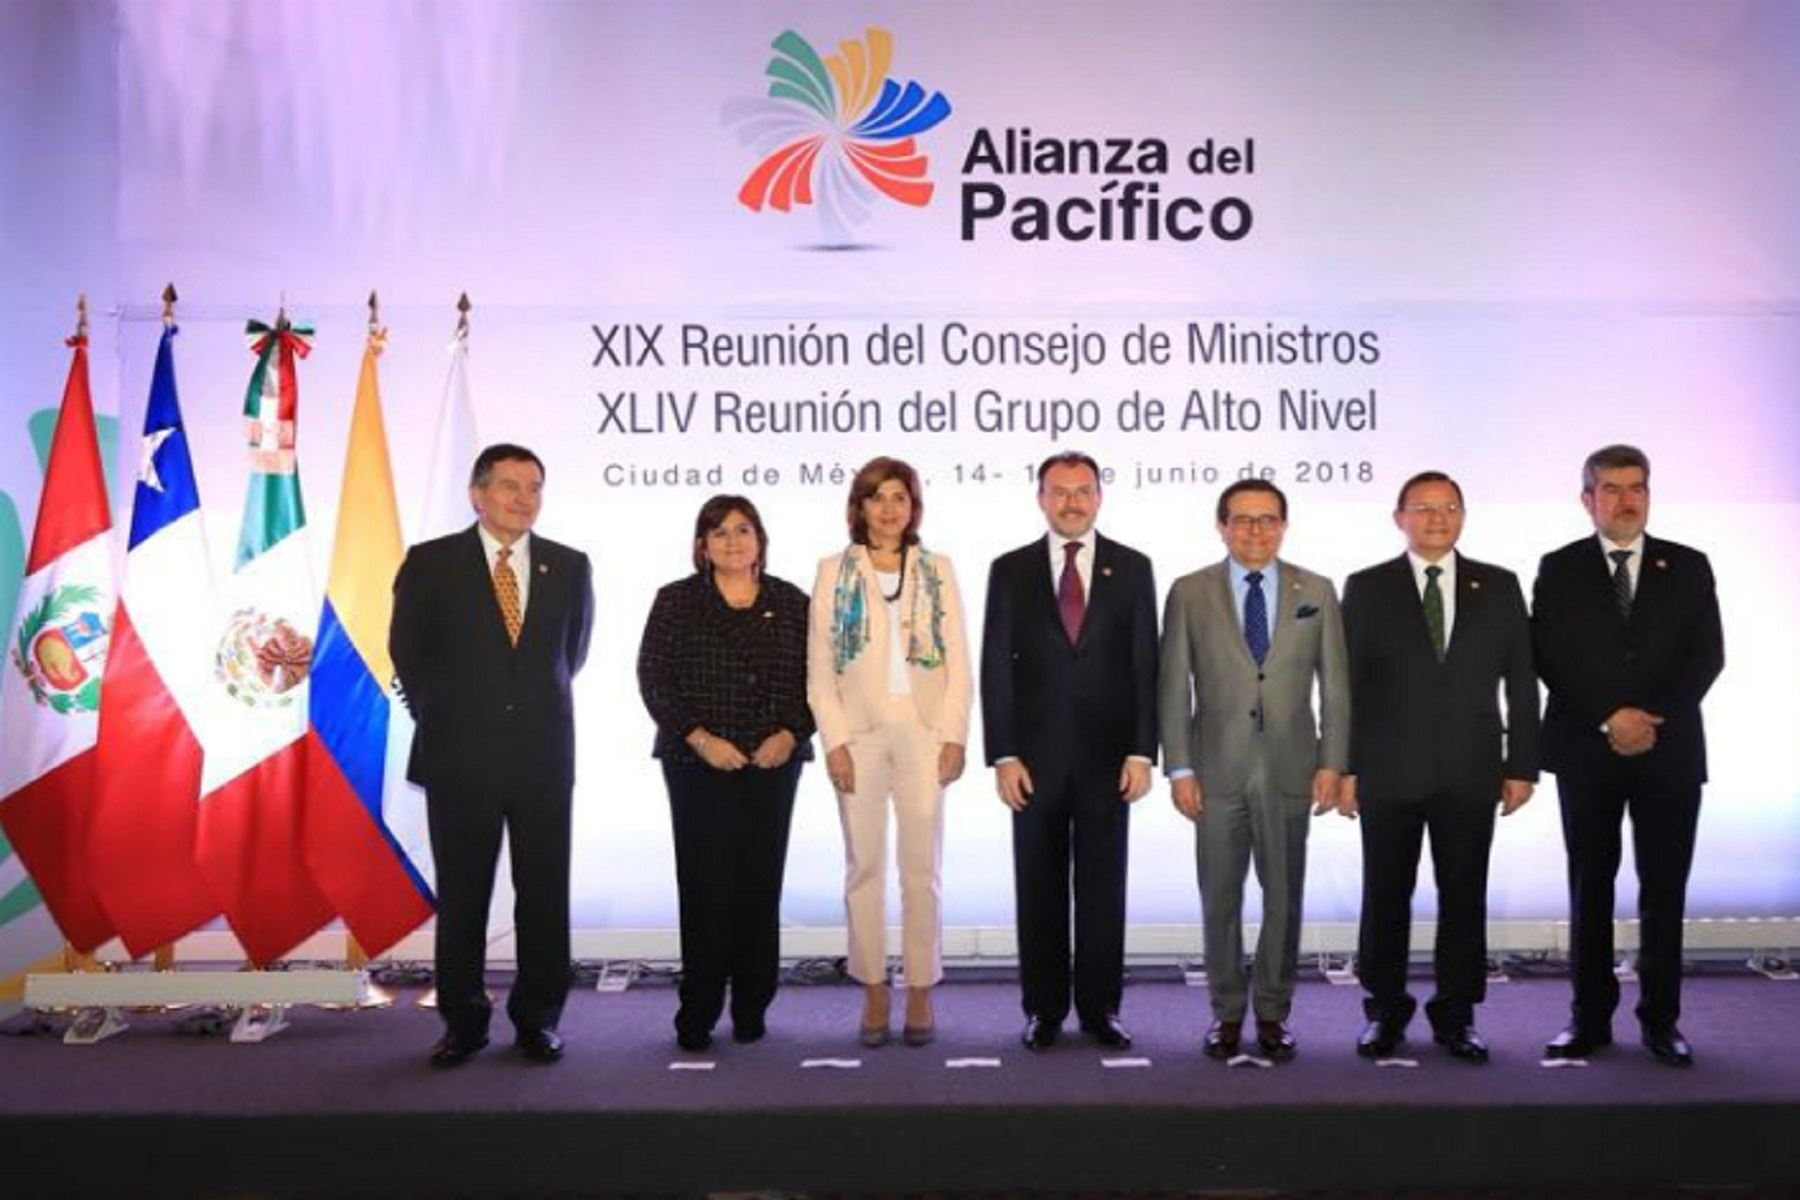 Consejo de Ministros de la Alianza del Pacífico tras reunión en Ciudad de México. Foto: Difusión.